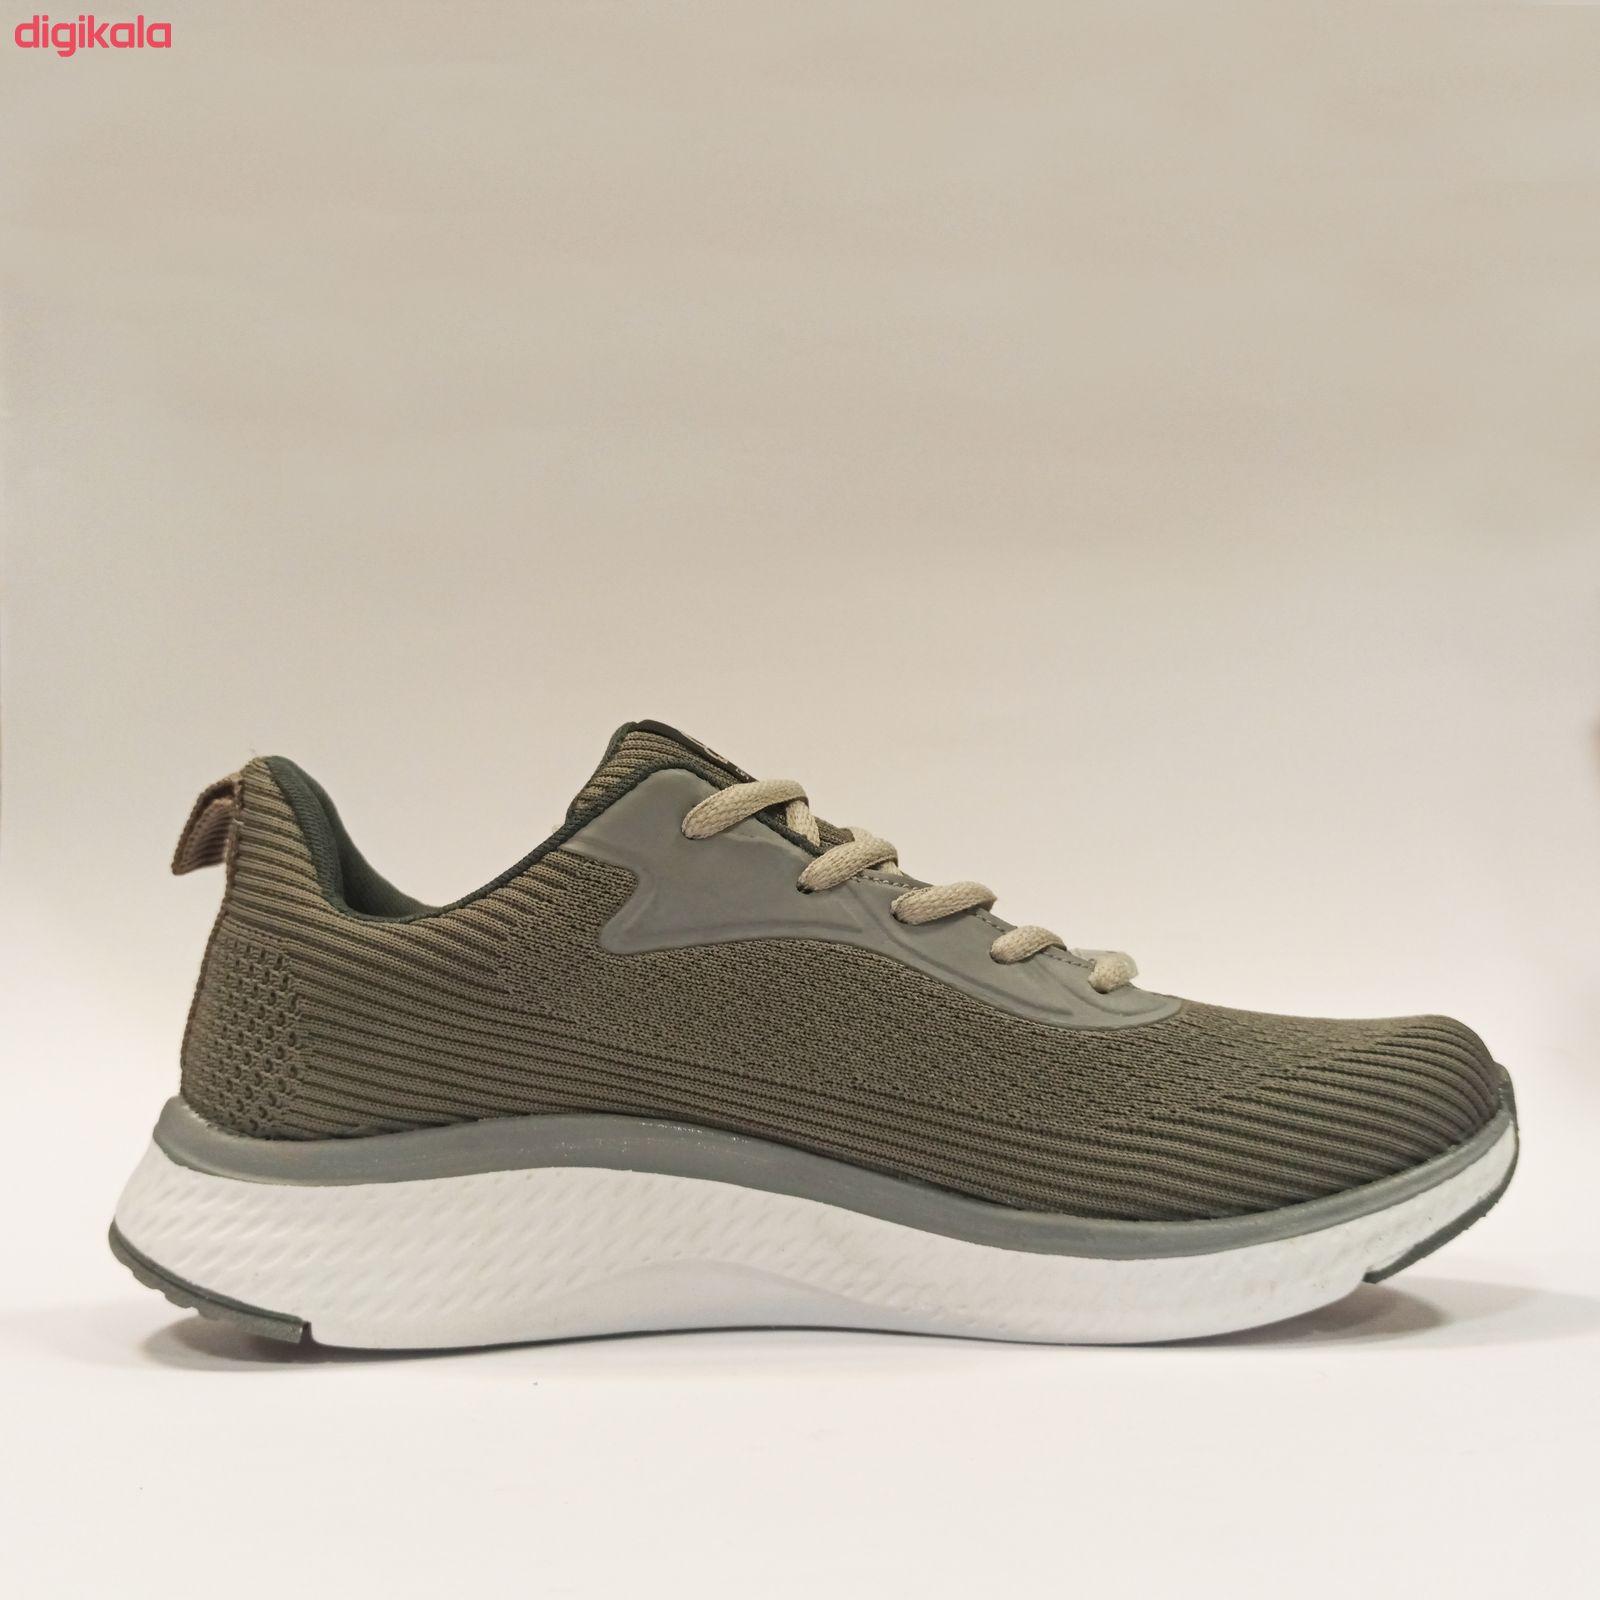 کفش پیاده روی مردانه مدل runfree2 main 1 1